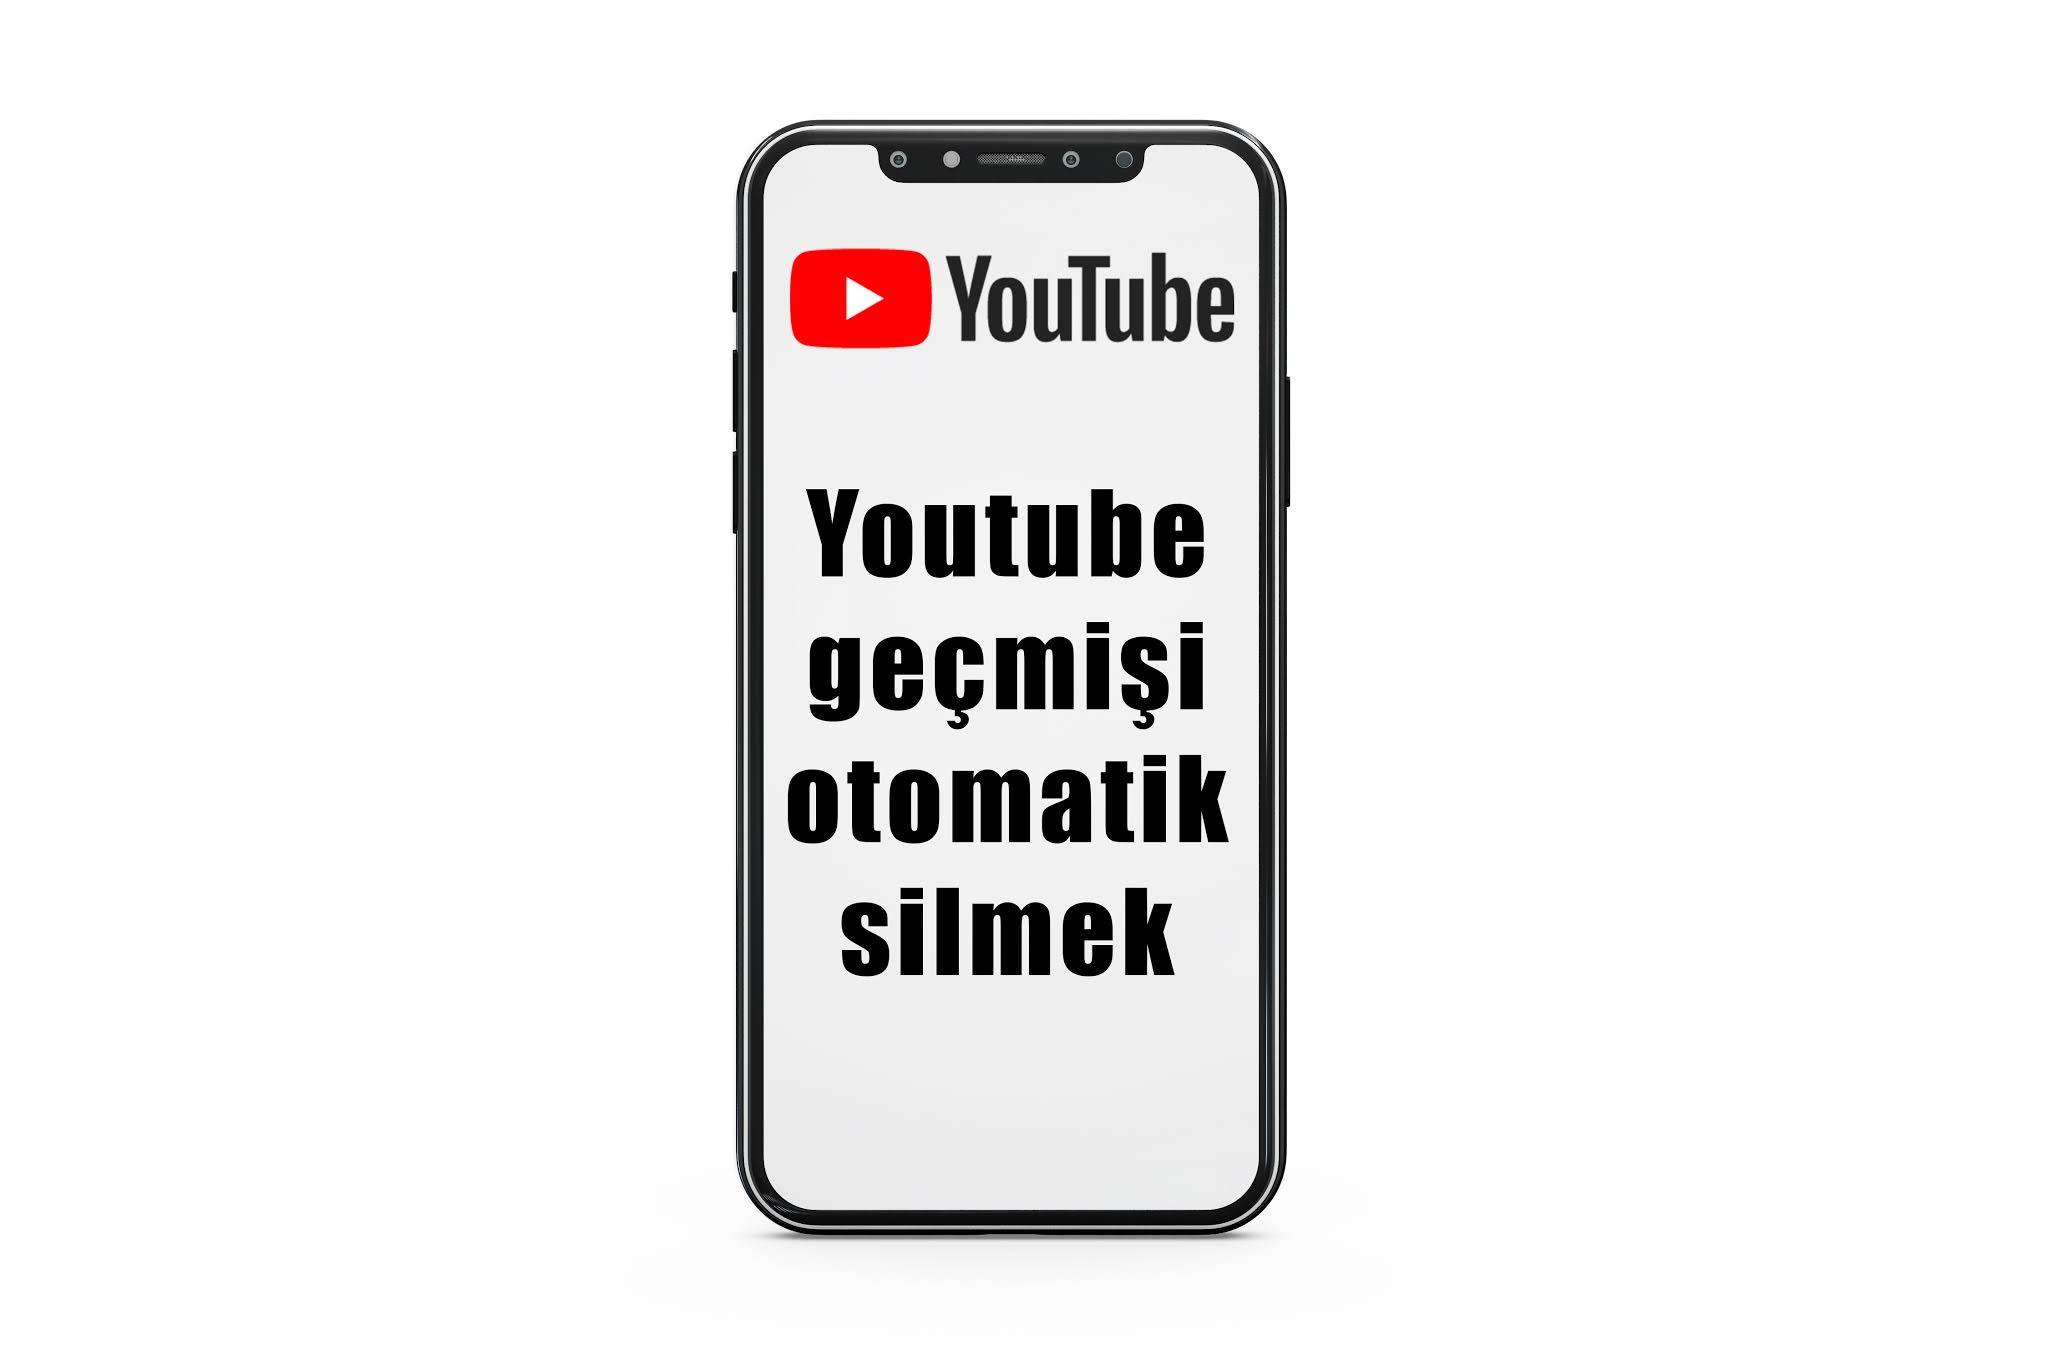 Youtube Geçmişi Otomatik Olarak Nasıl Silinir?